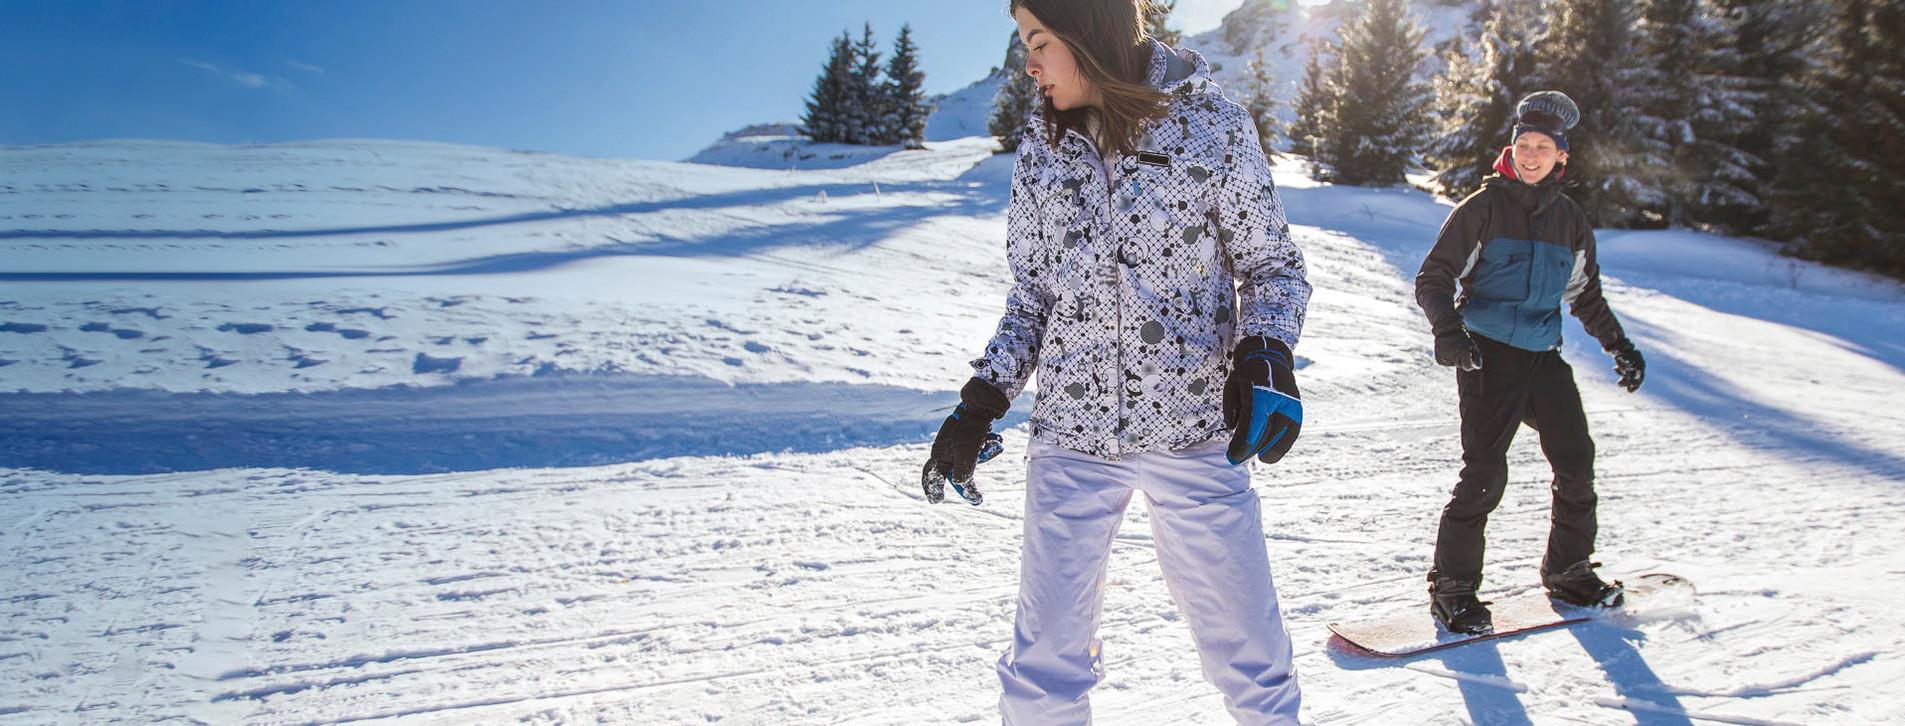 Фото 1 - Мастер-класс катания на лыжах/сноуборде для двоих